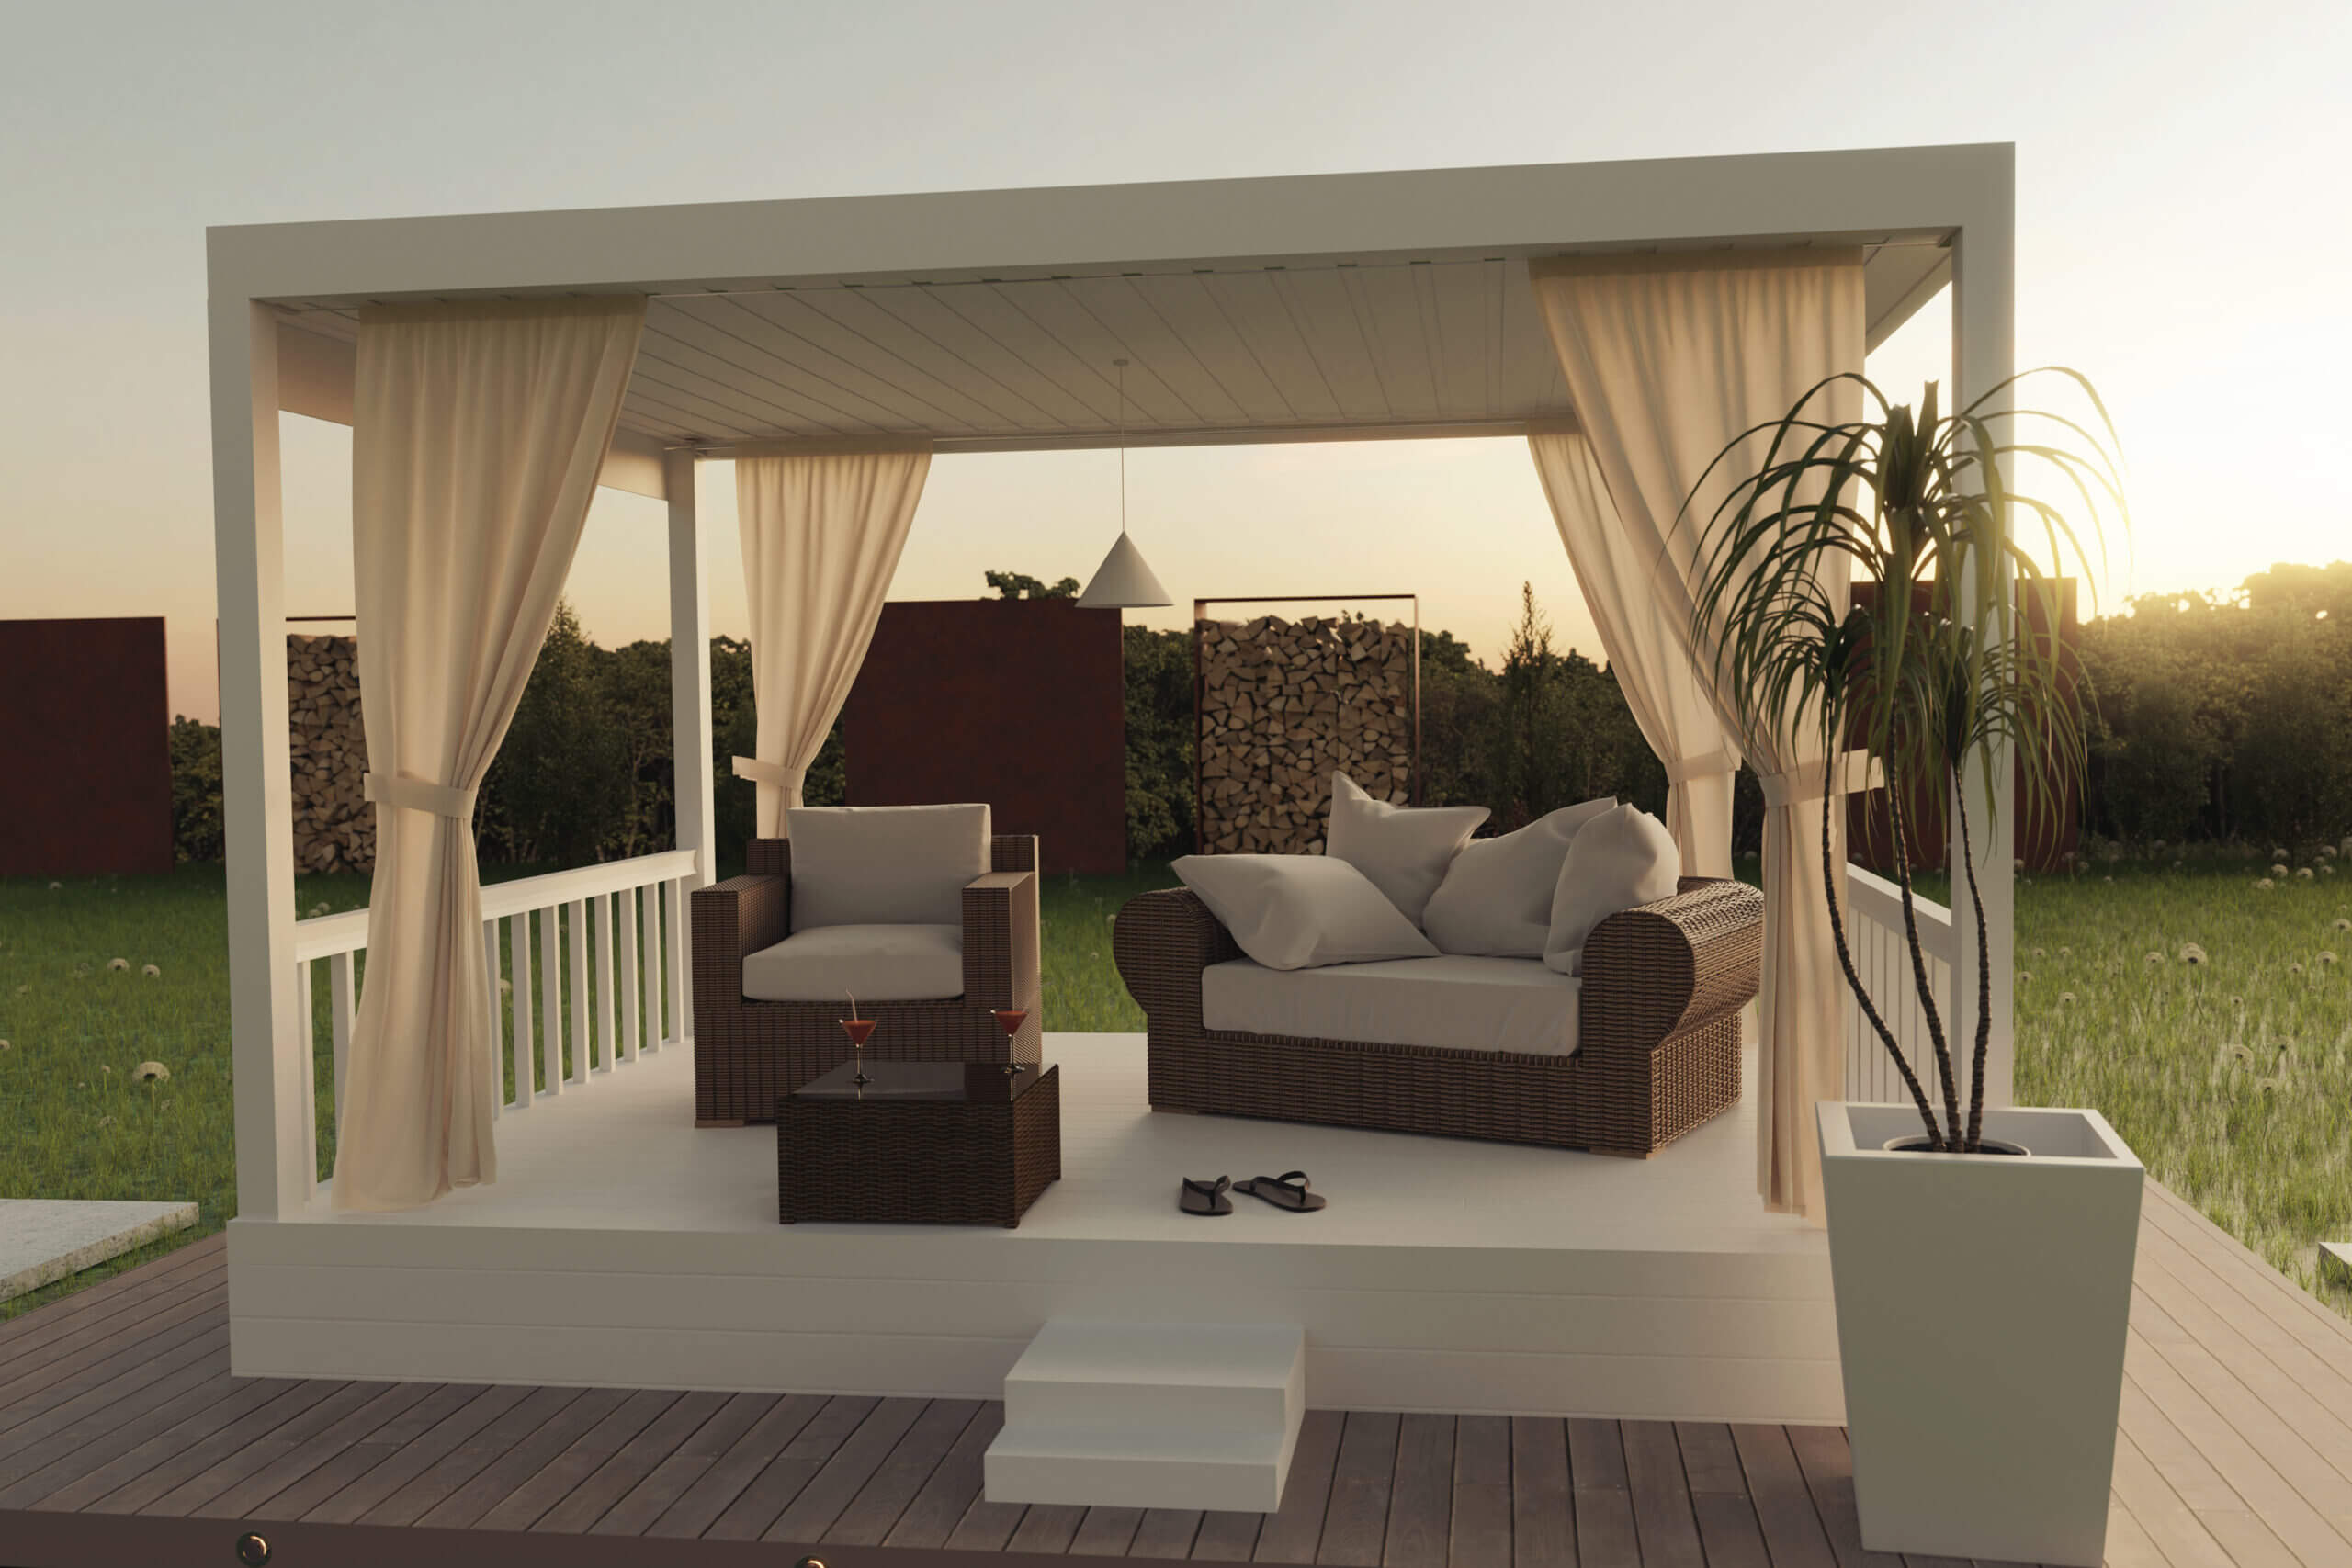 ©Brilliant Eye / Adobe Stock: Outdoor Oase - Elegante weiße Terrasse mit Bedachung und Lounge-Möbeln.